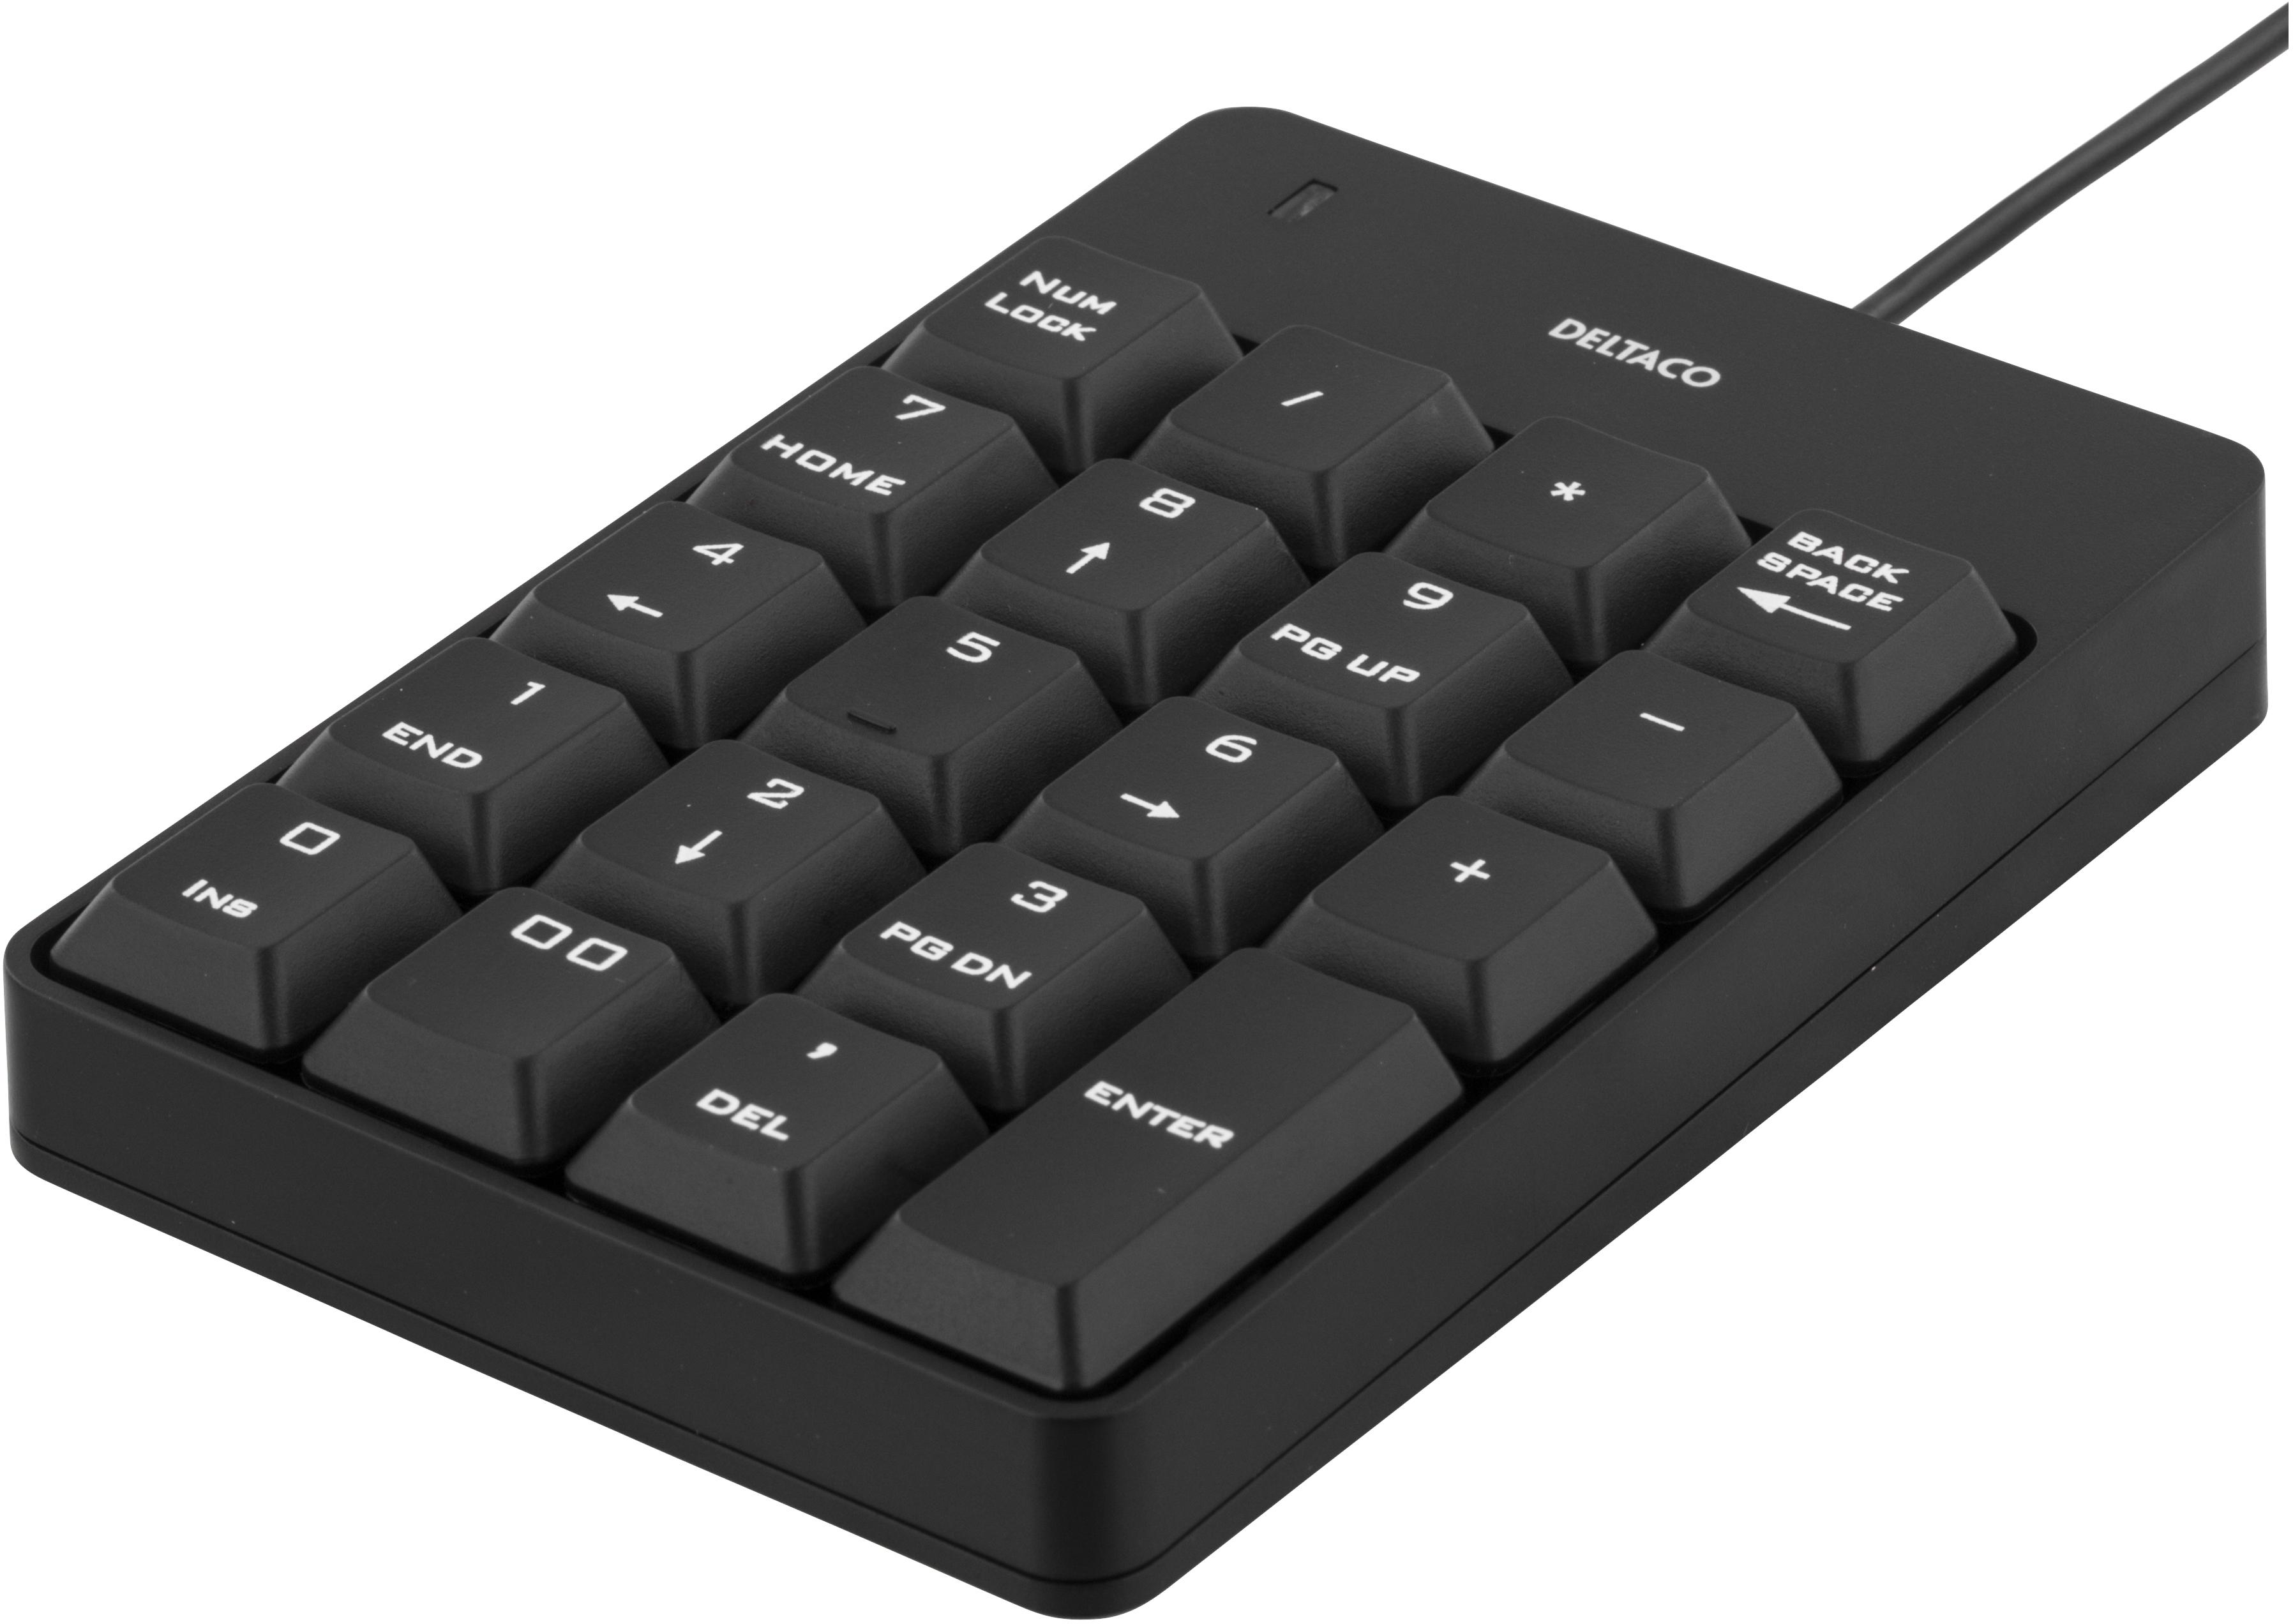 test tastatur deltaco - Prissøk - Gir deg laveste pris 340ac7d740b00